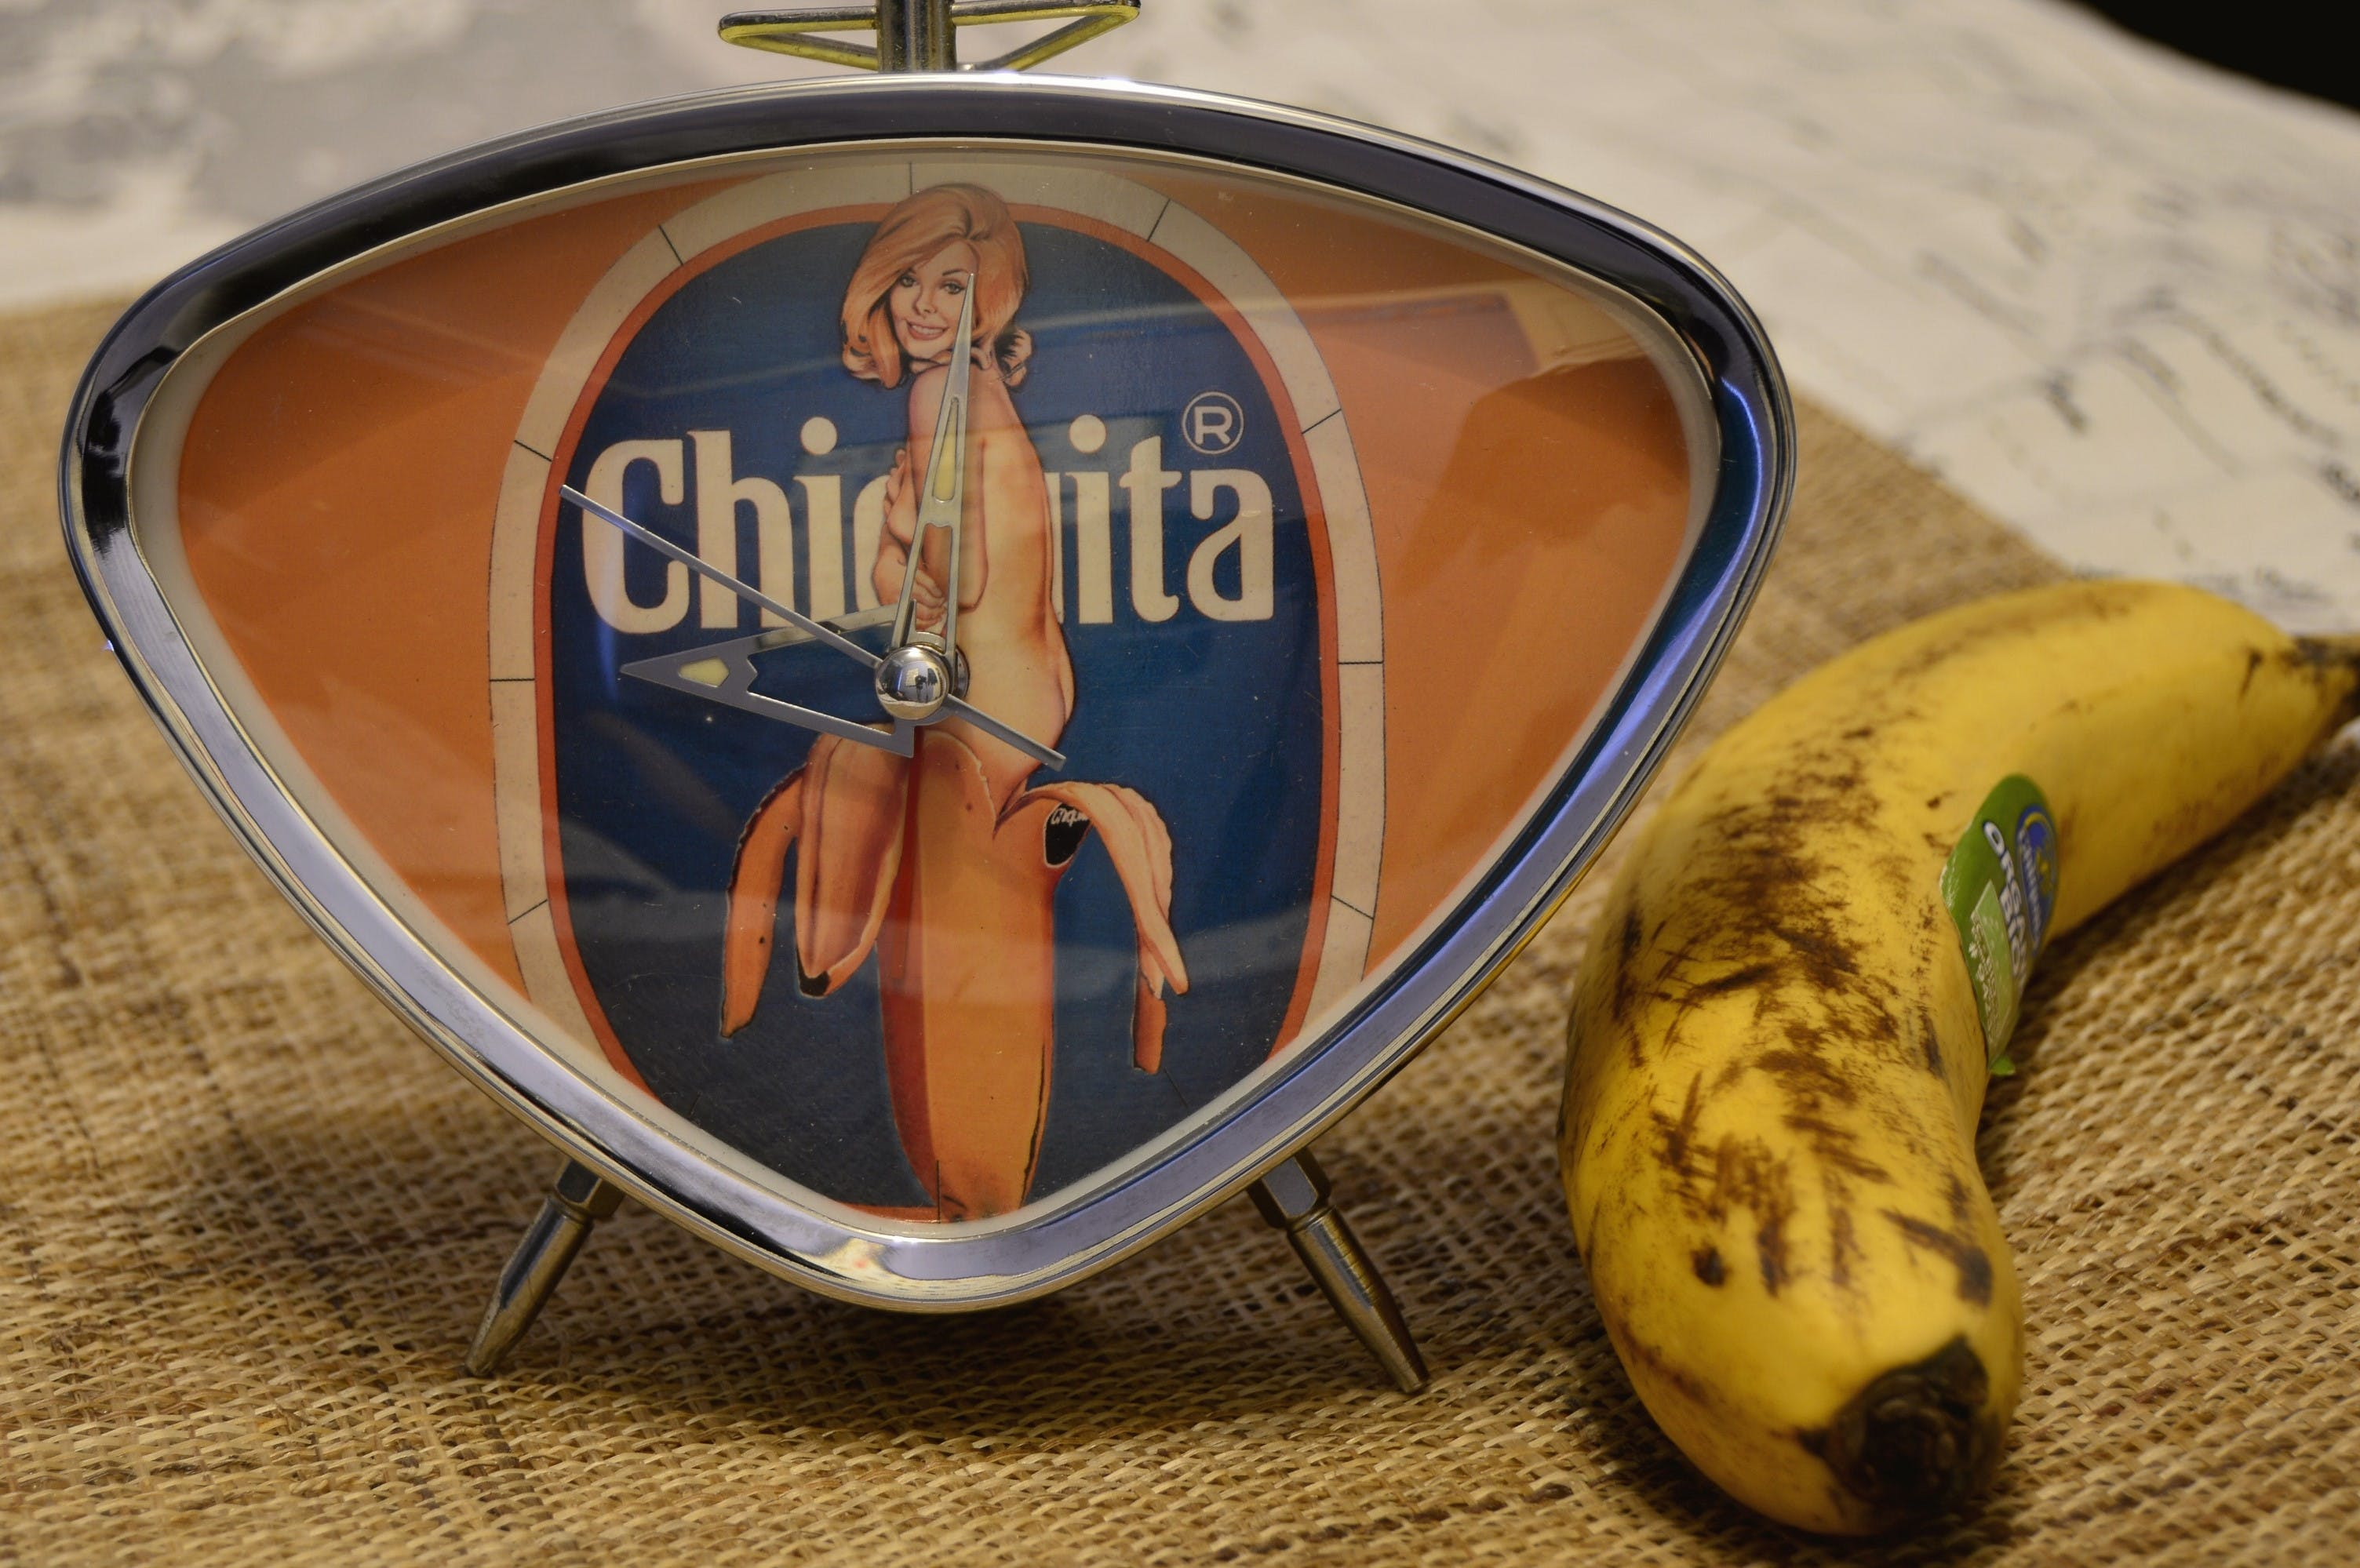 Free stock photo of banana, chiquita, clock, fruit